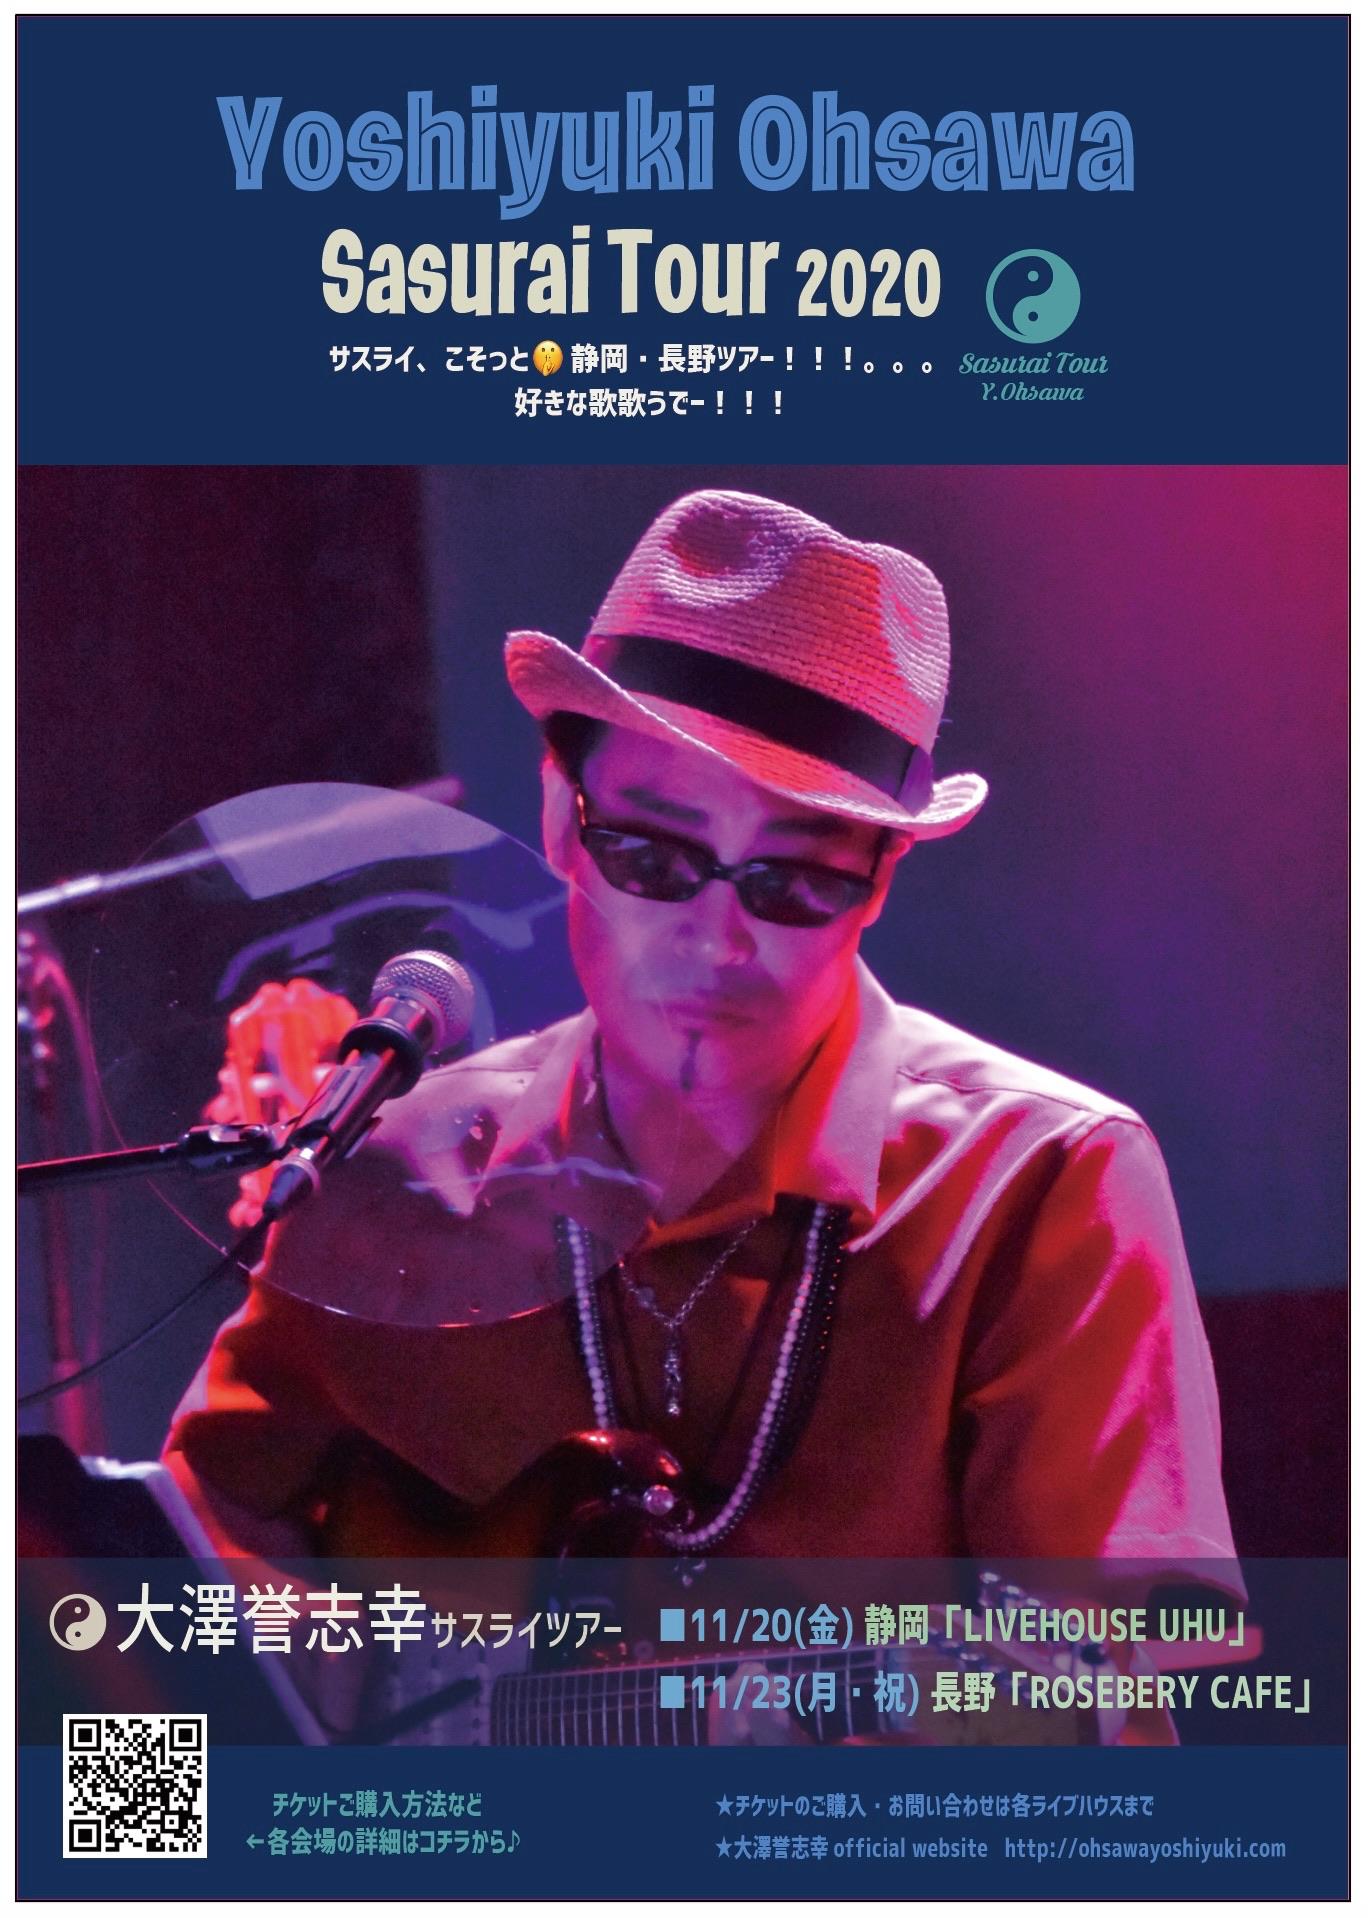 大澤誉志幸 SASURAI TOUR 2020 「サスライ、こそっと 静岡・長野ツアー!!!。。。好きな歌歌うでー!!!」